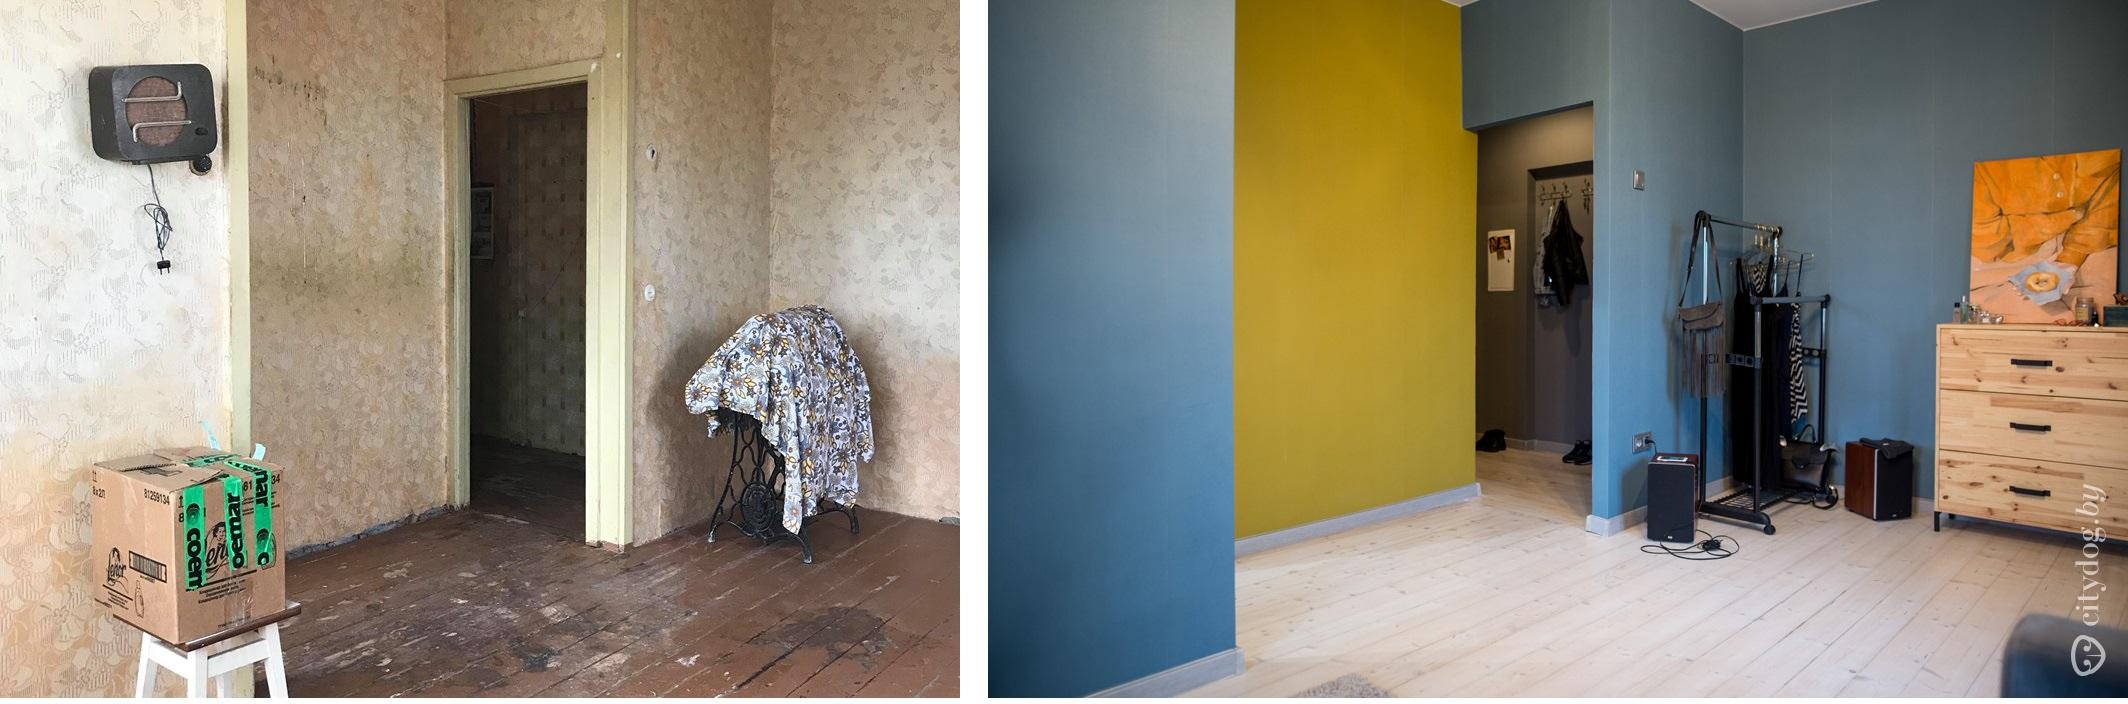 Контрастные стены визуально расширяют пространство